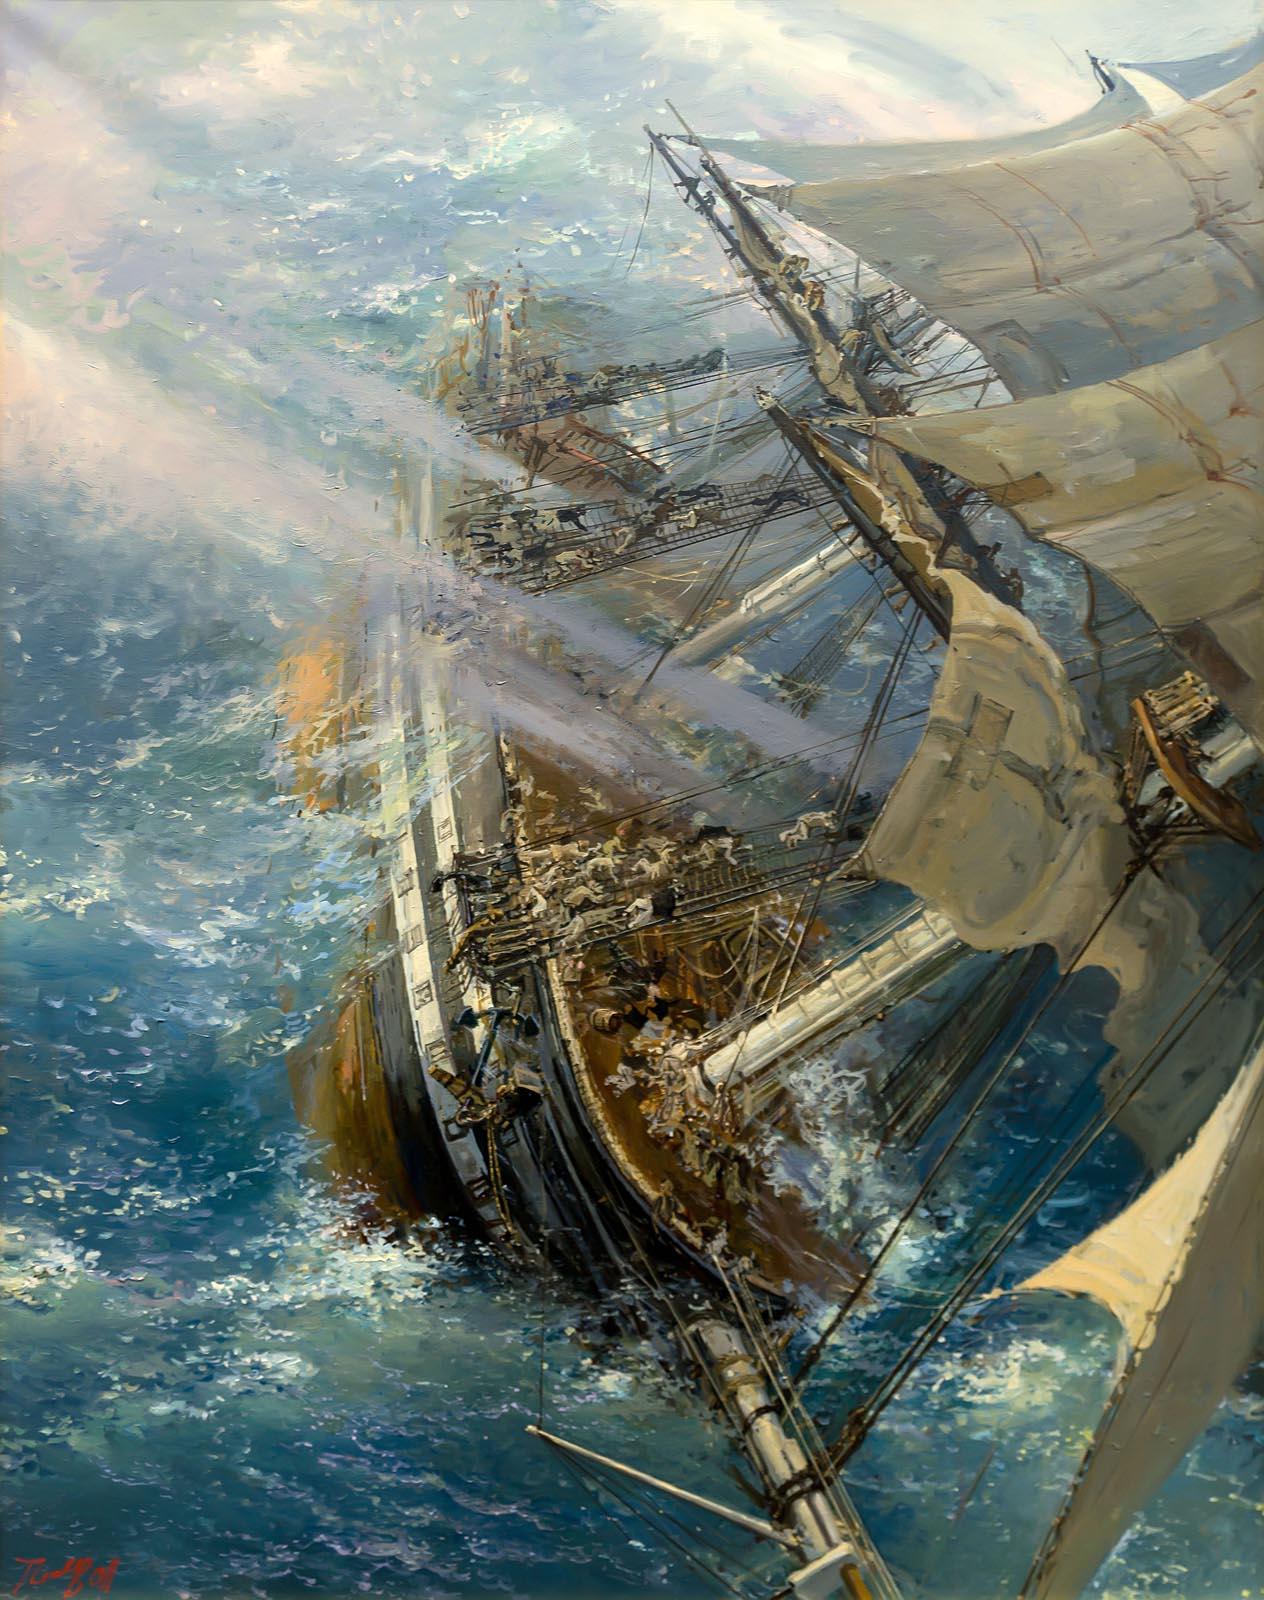 Фото №750709. Пен Сергей Варленович 1952 г. р. Гибель Опушечного корабля Лефорт 10 сентября 1837 года. 2011